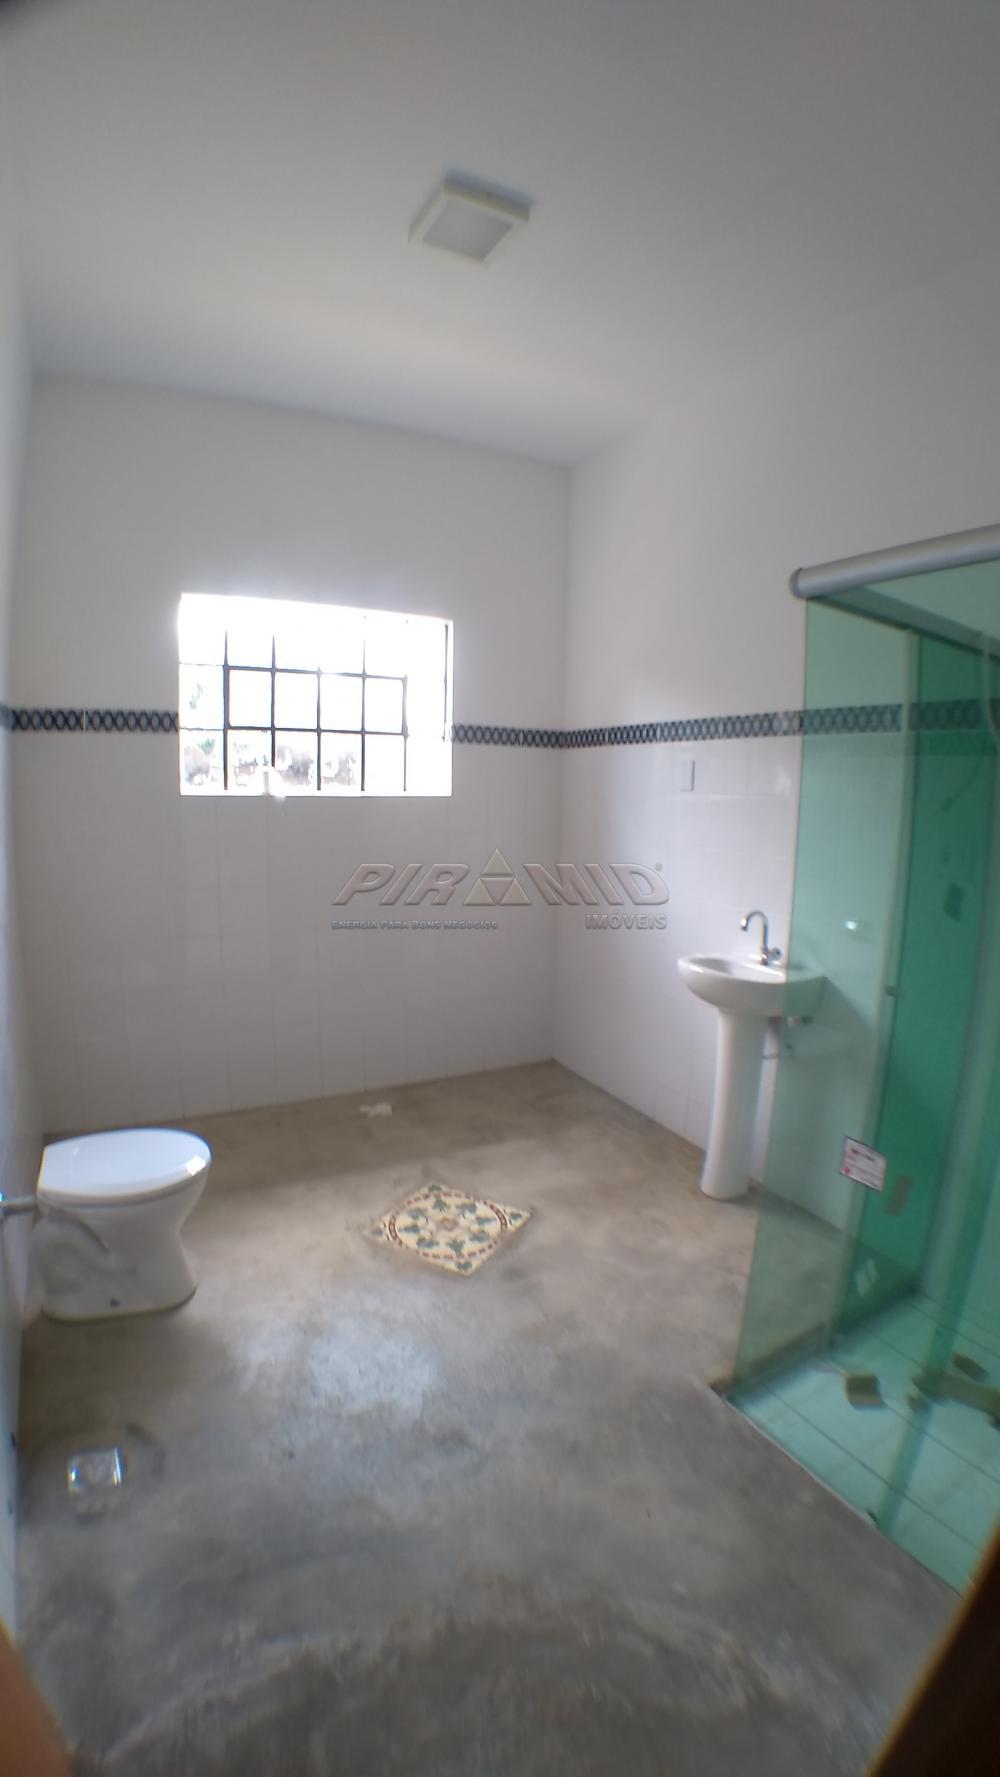 Alugar Casa / Padrão em Ribeirão Preto apenas R$ 3.400,00 - Foto 11